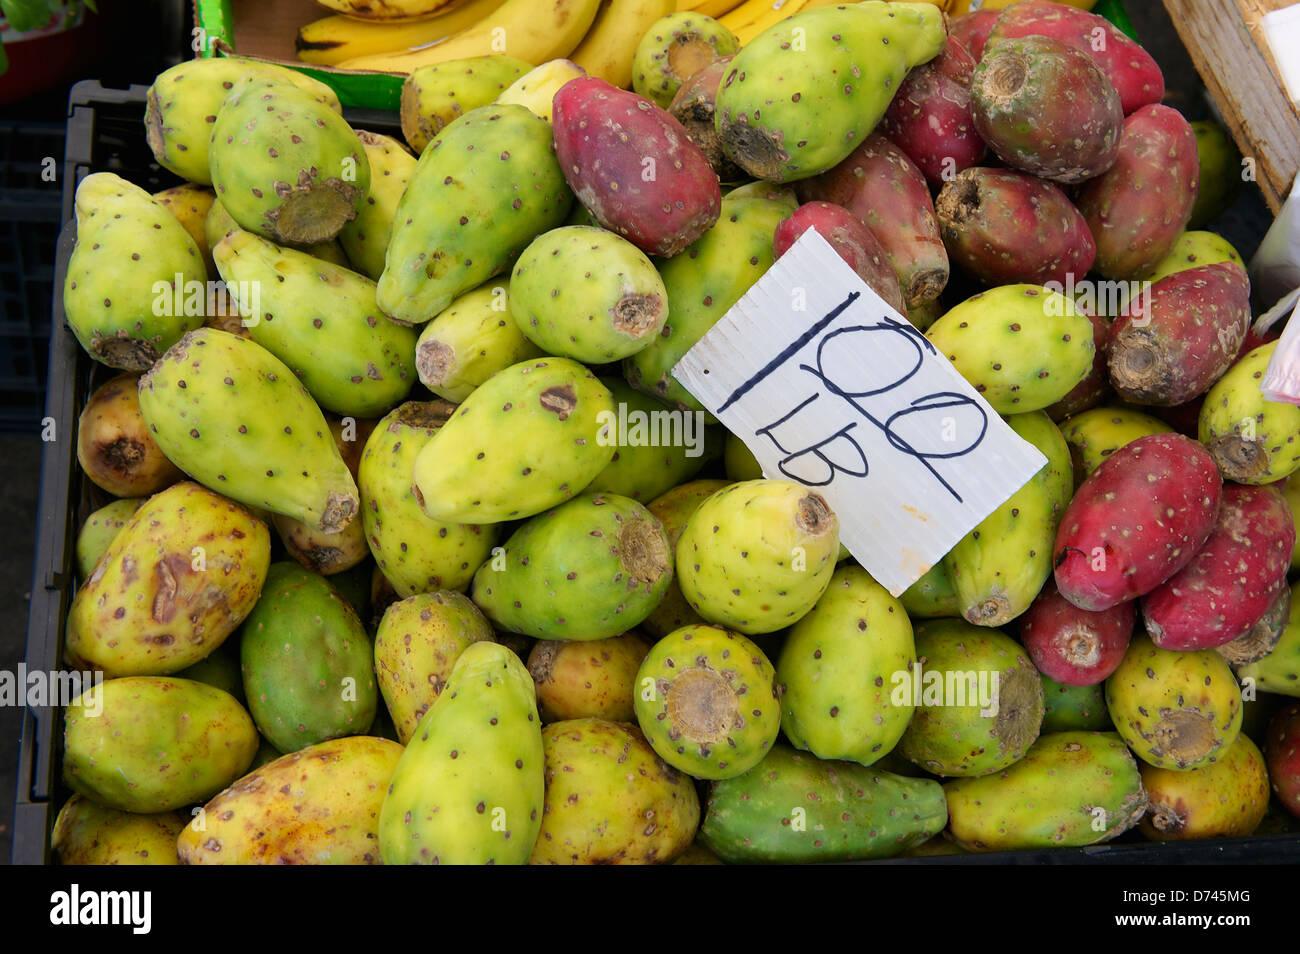 Stachelige Birne zum Verkauf auf dem Bauernmarkt. Davis, Kalifornien Stockbild